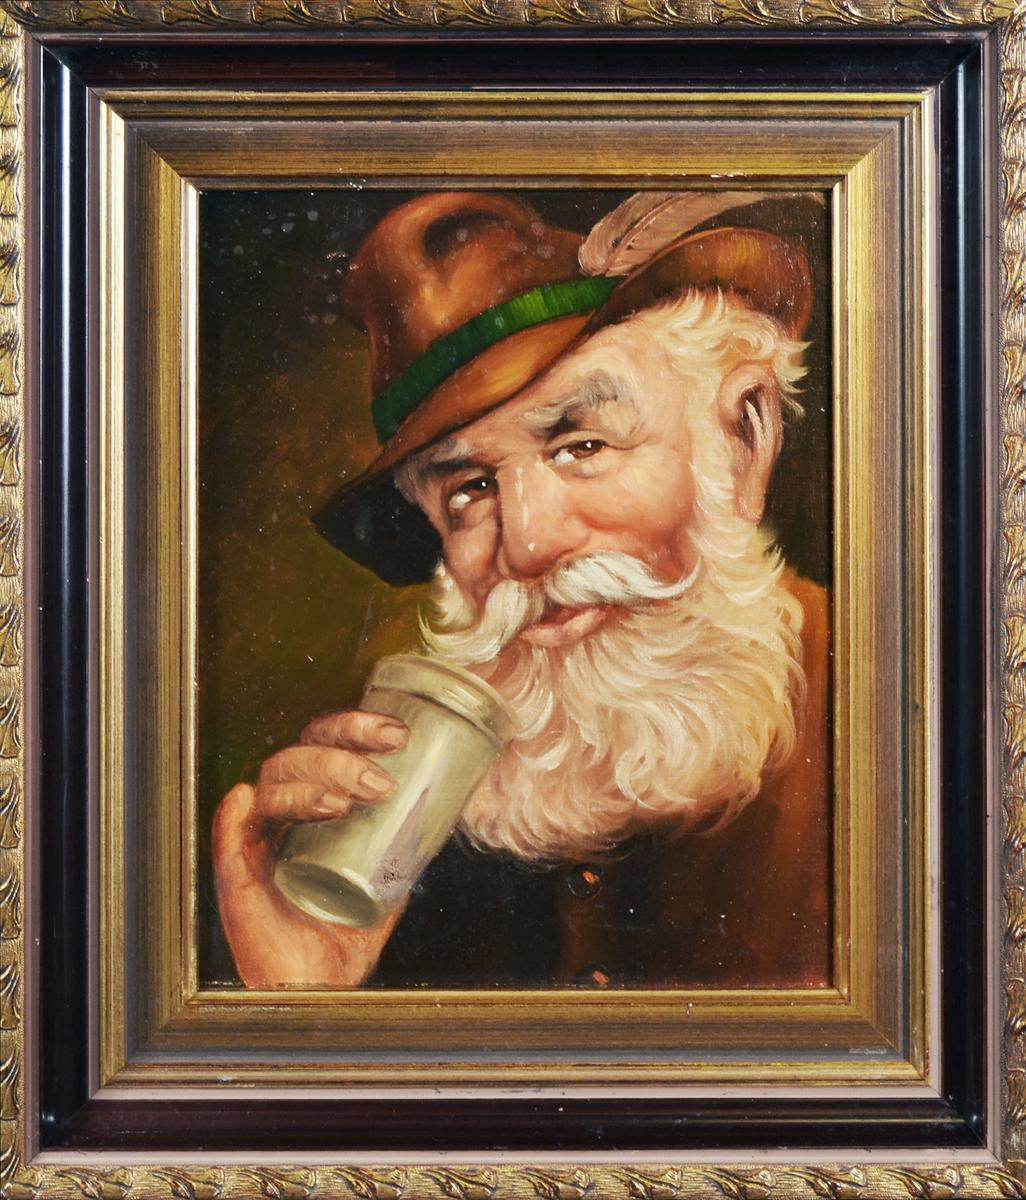 Картина Портрет Баварца с трубкой и бородой. Холст, масло. Германия, первая половина XX века картина цветы в коричневой вазе холст масло 75х75 см